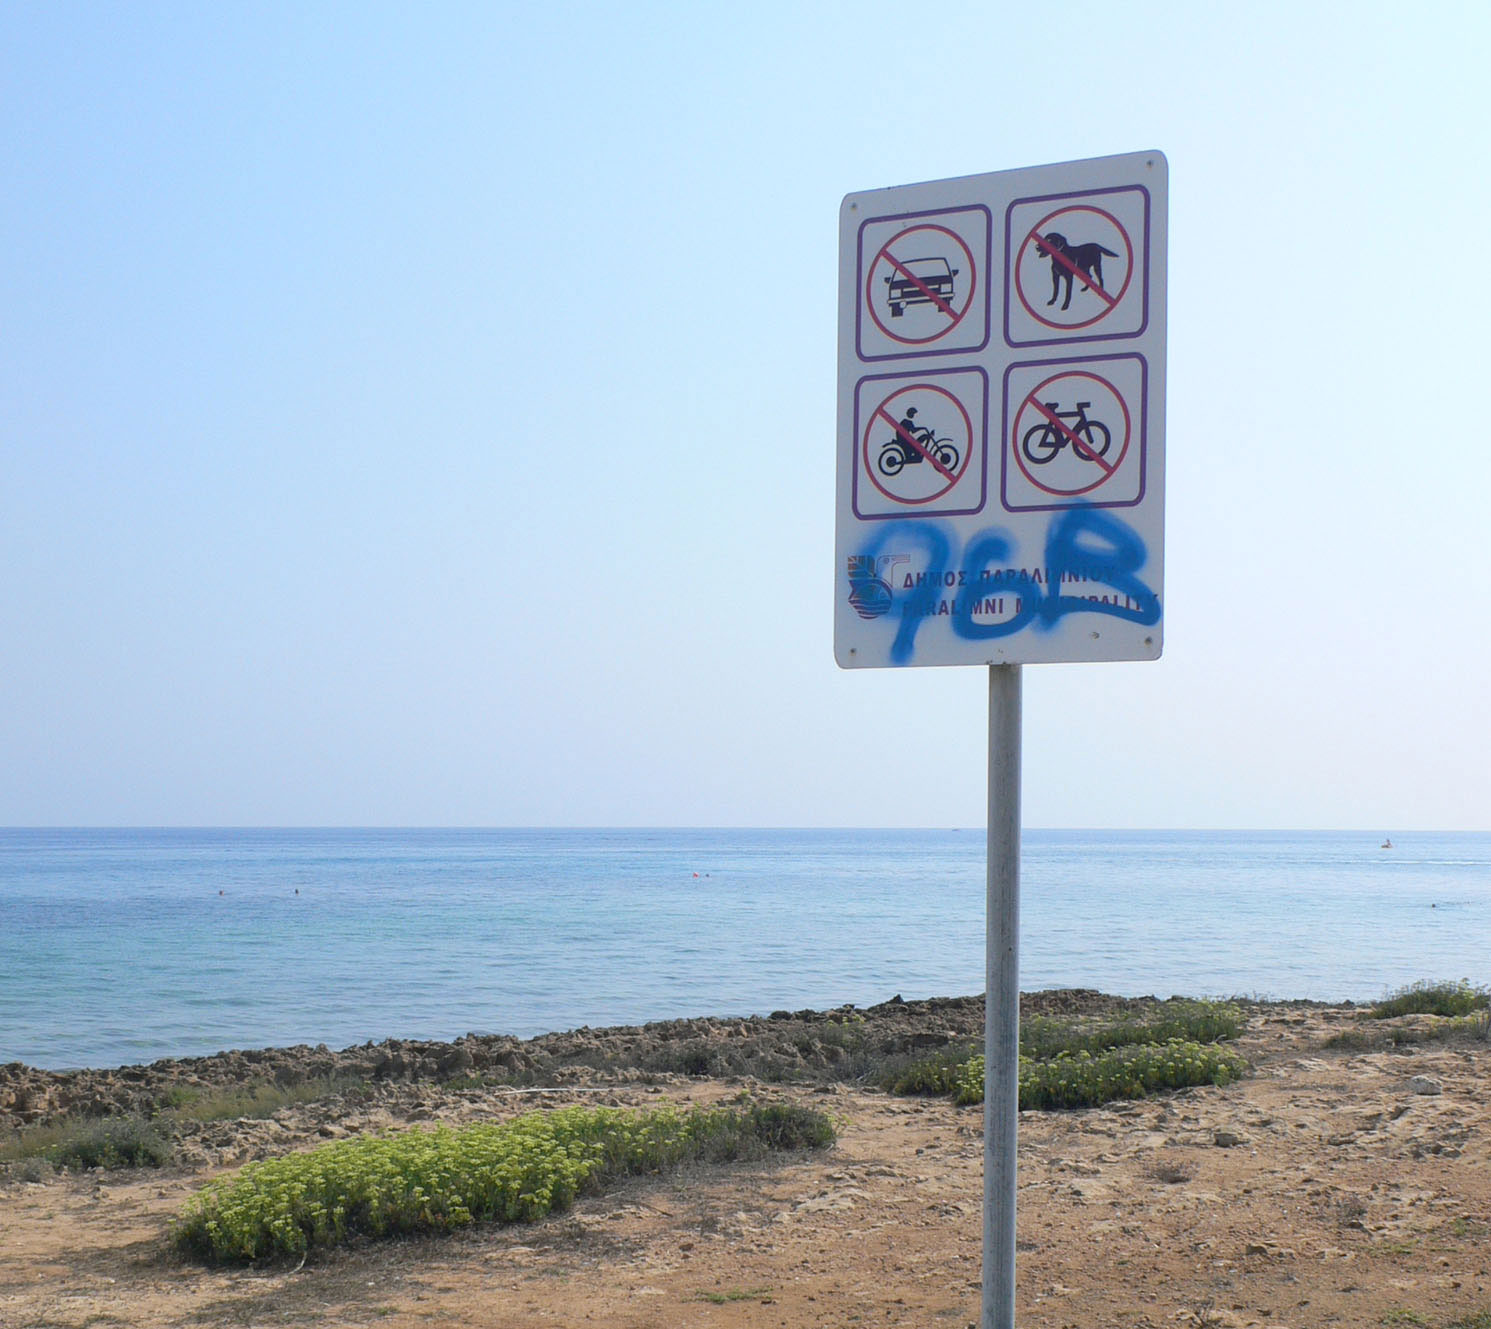 'Απαγορευμένες χρήσεις' κατά μήκος του πεζόδρομου ©Γ. Ψάλτης/βίος&πολιτεία, 2014